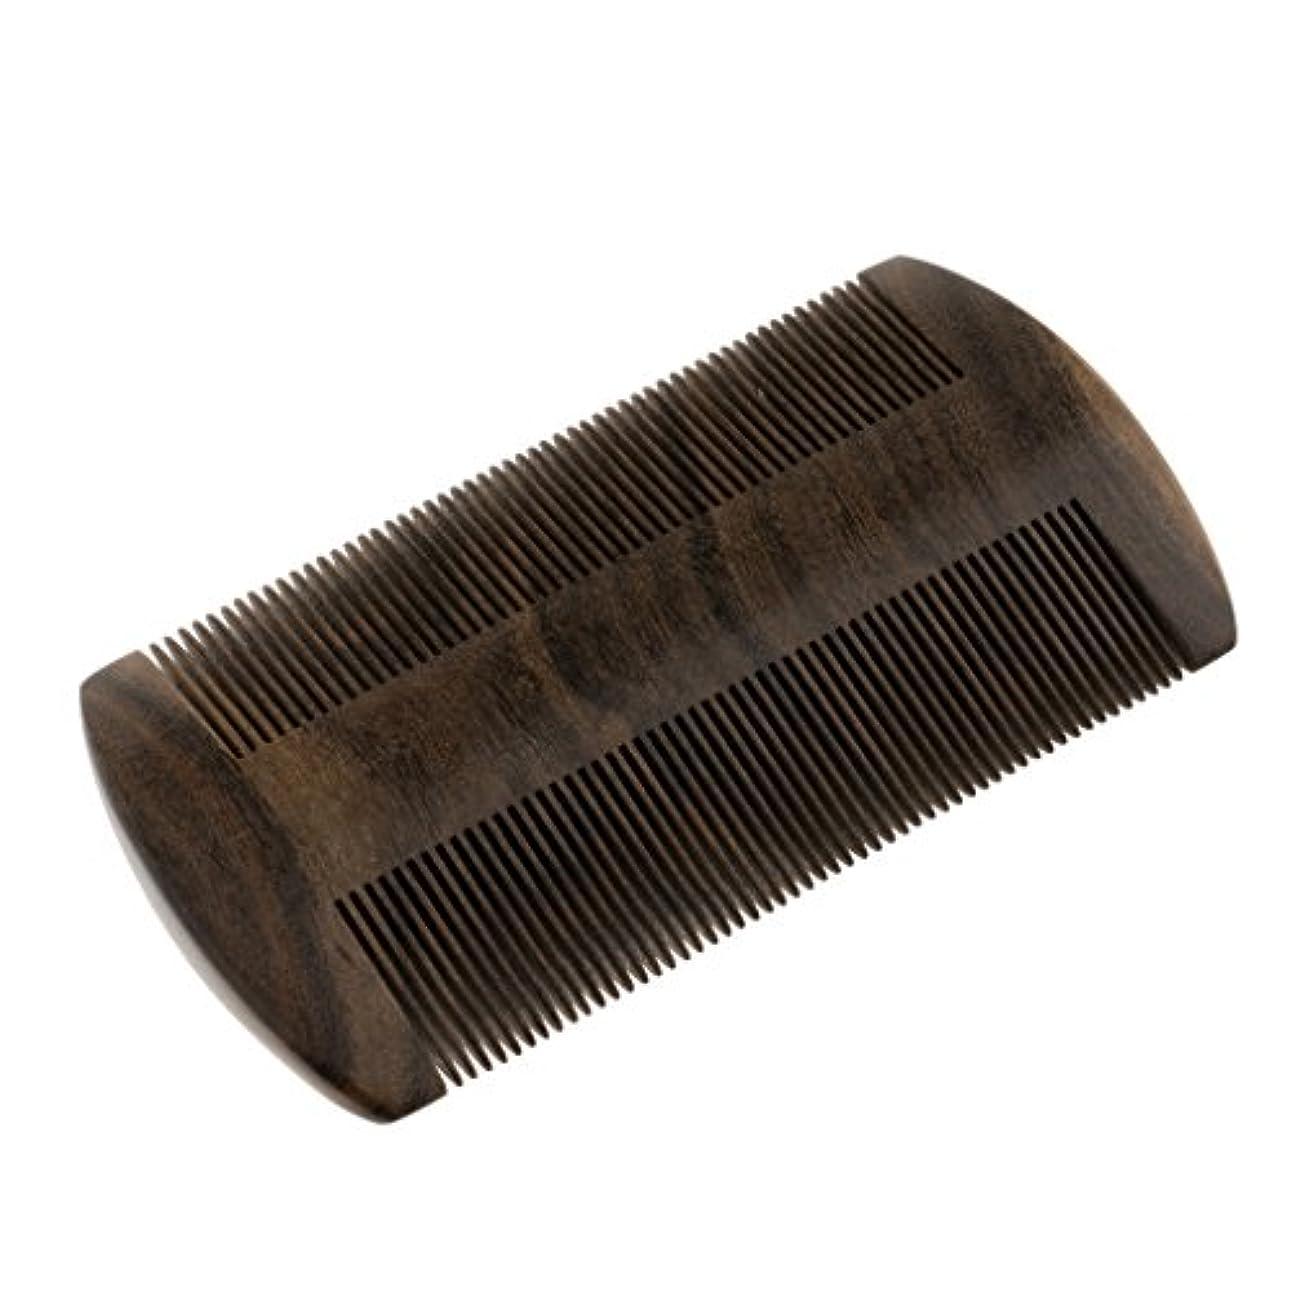 最も遠いユダヤ人男らしさヘアブラシ 静電気防止髭剃り櫛 ウッドコーム ミシュコーム 静電気防止